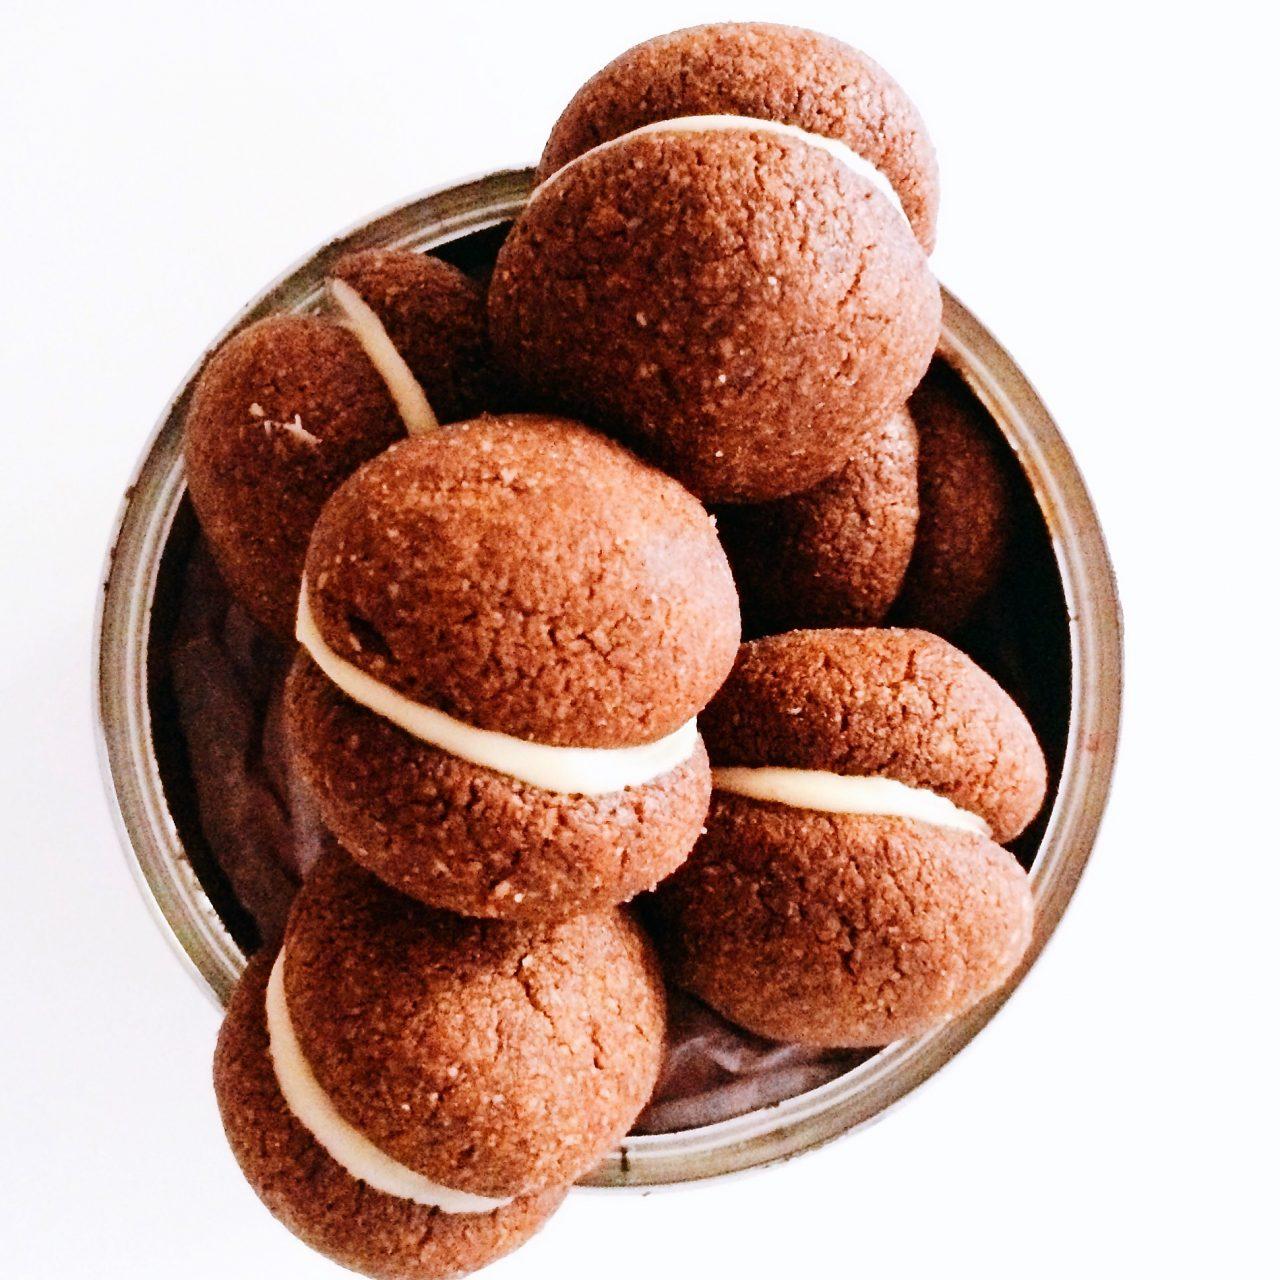 Baci di dama al cacao amaro con crema di mandorle dolci